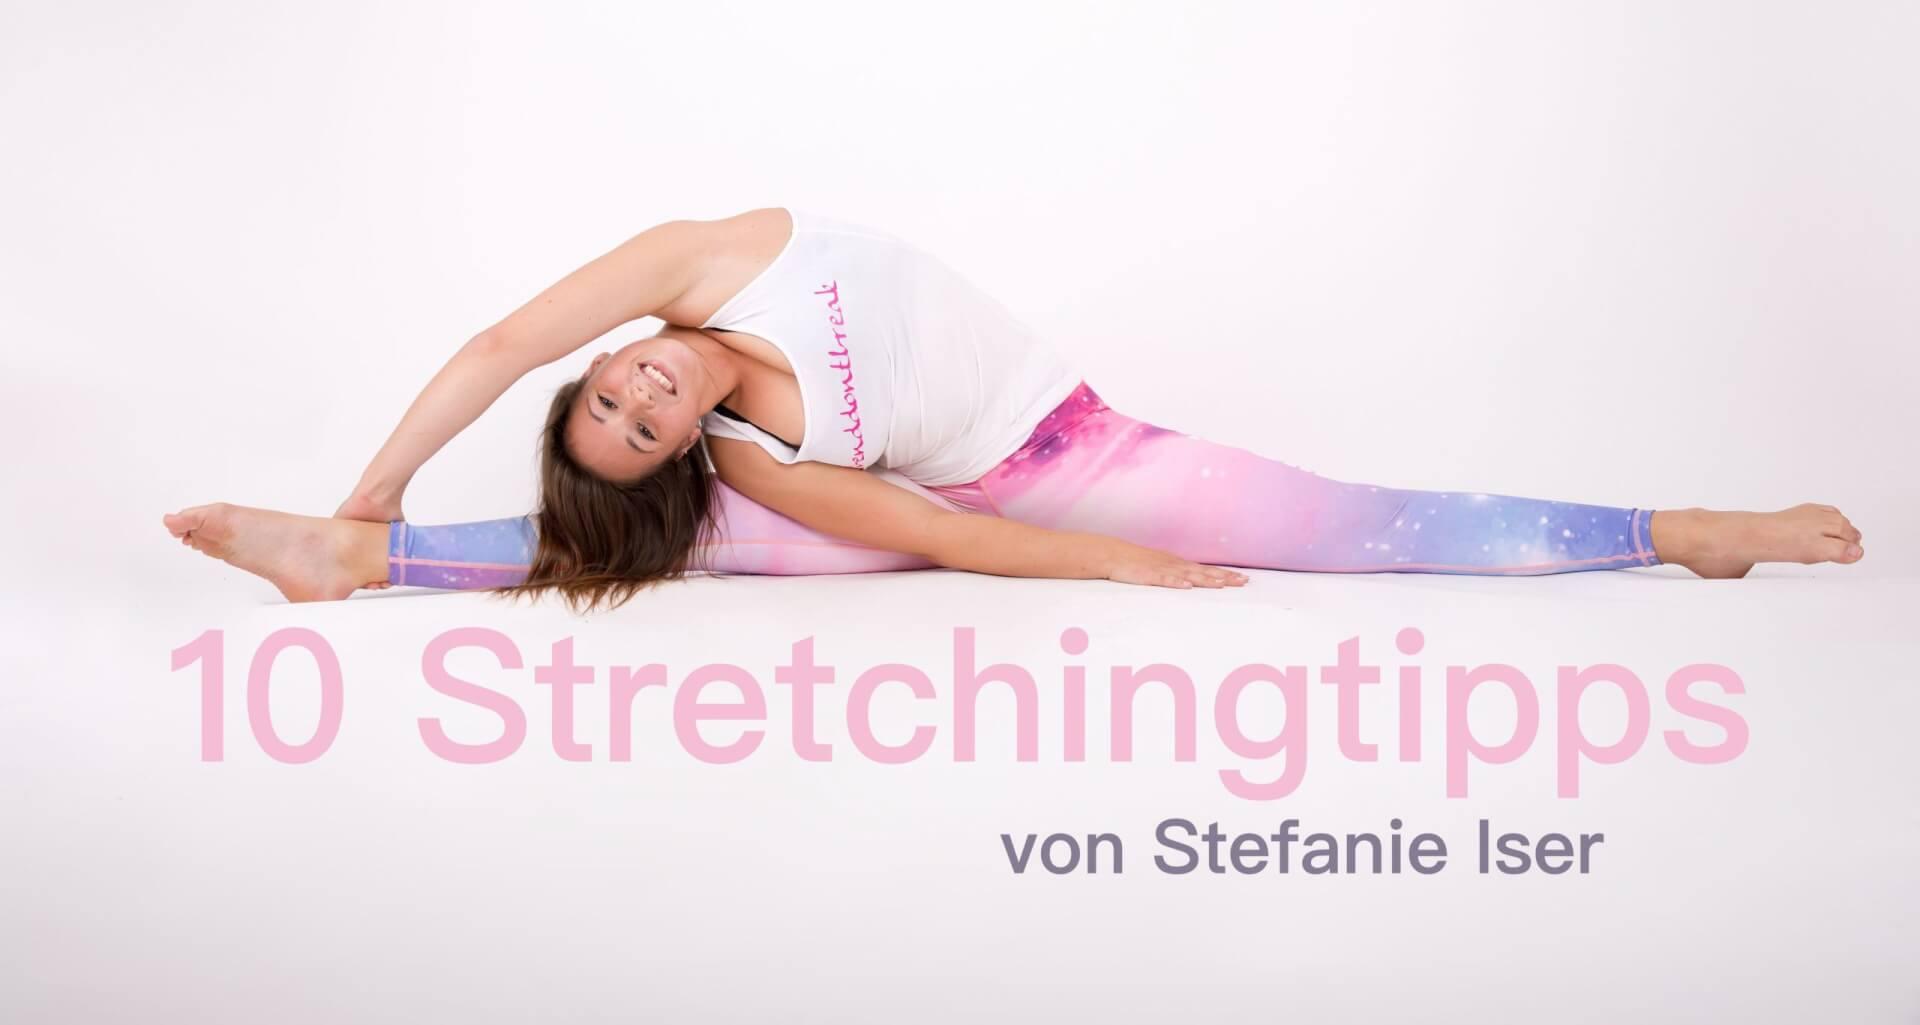 10 Stretchingtipps von Stefanie Iser